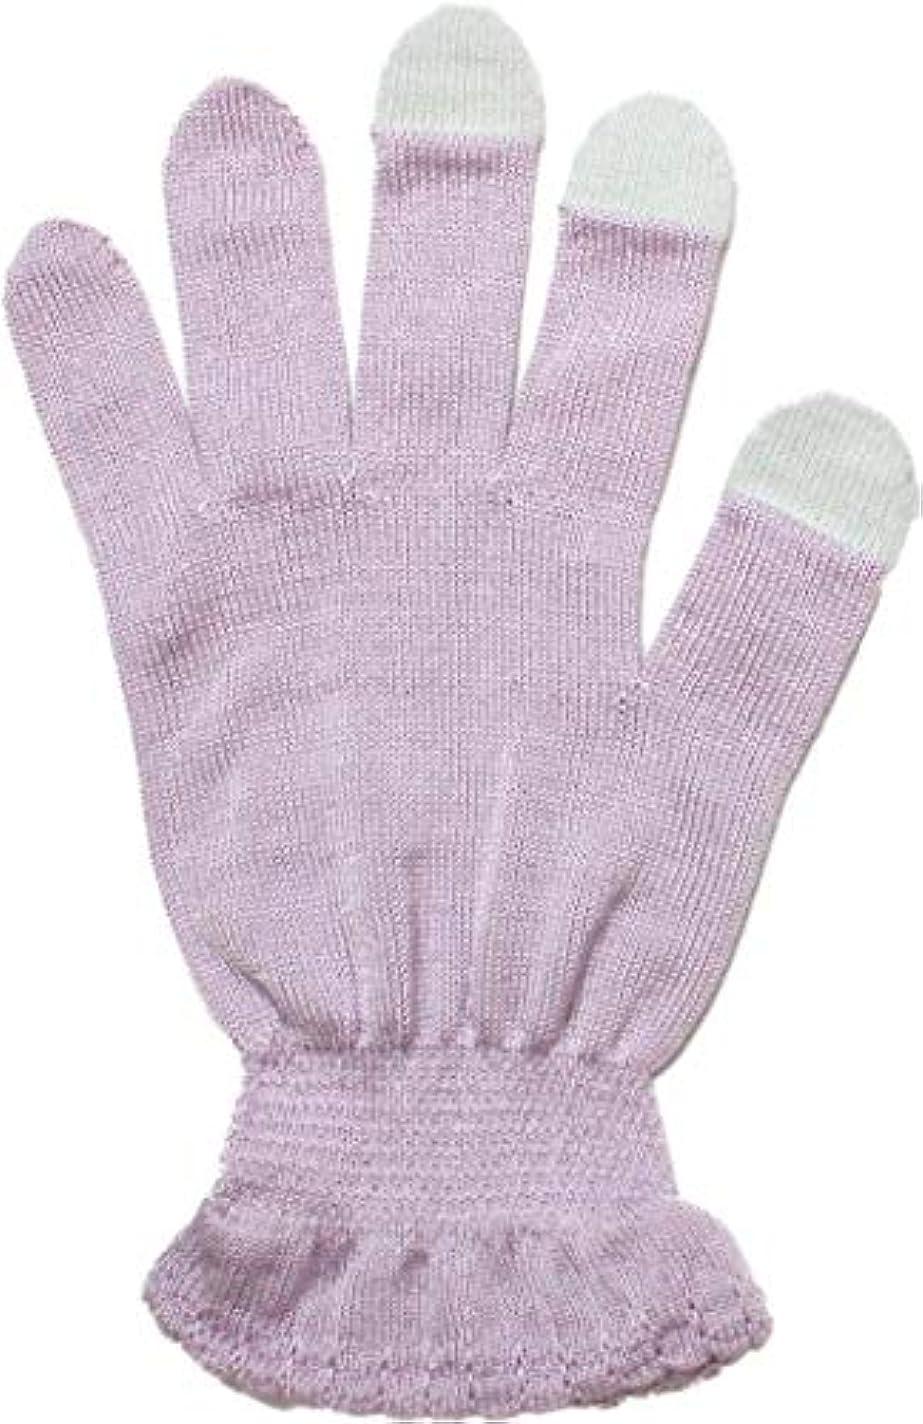 額ごめんなさいそこ【婦人シルクハンドケアタッチ対応】おやすみ手袋 うちエコ ハンドケア 保湿 スマホ対応 レディース 日本製 フリーサイズ 手洗いOK シルク繊維使用 本体シルク100% 6677